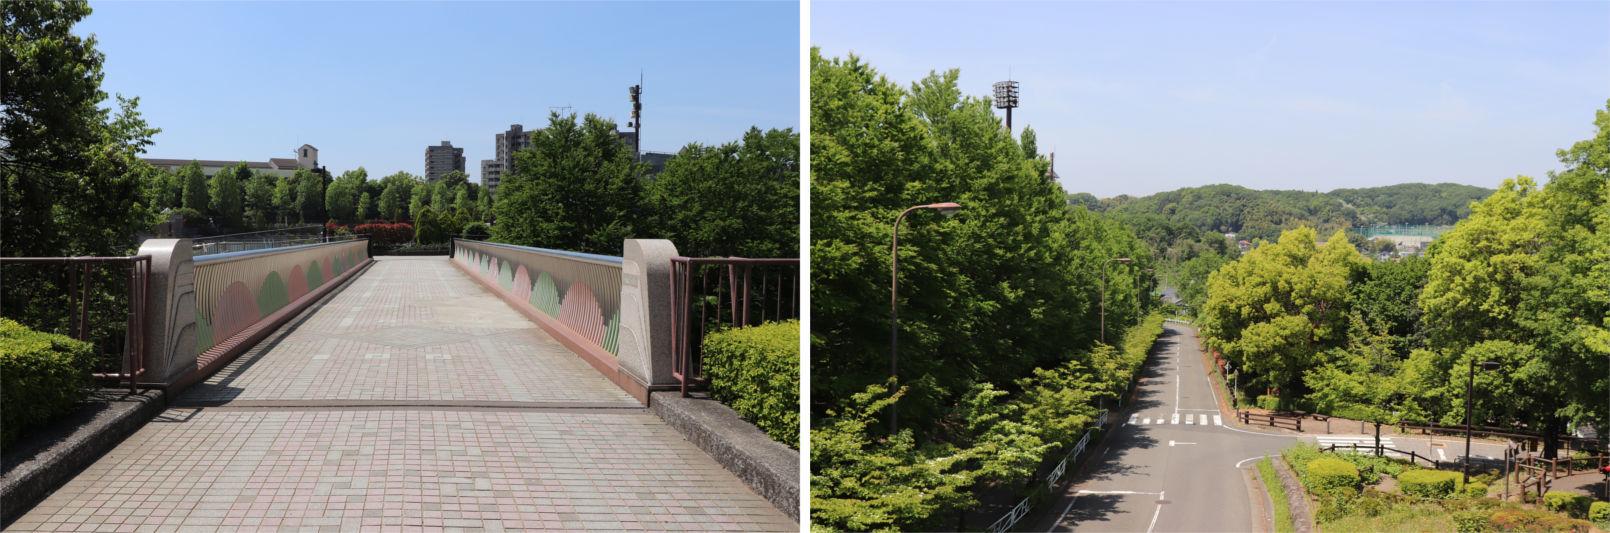 [多摩NTの橋ぜんぶ撮影PJ] No.36~40 上柚木公園周辺の橋_a0332275_01150971.jpg